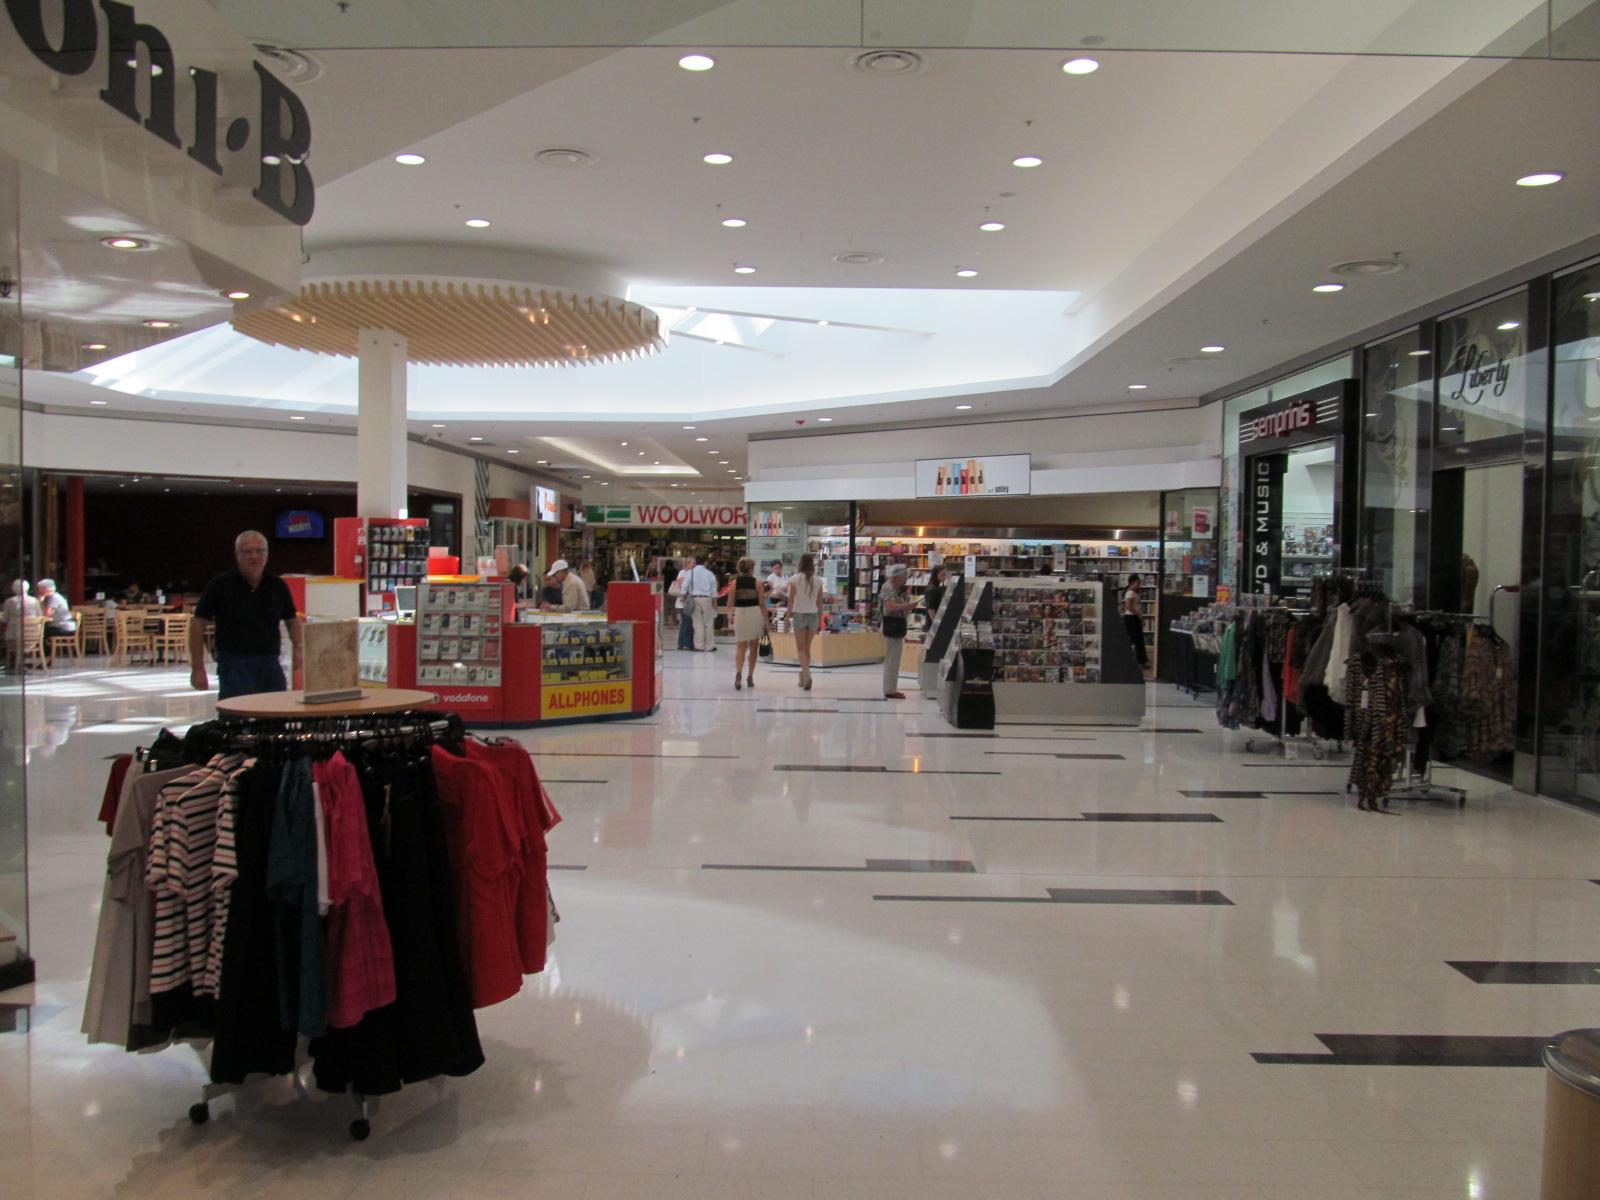 Unley shopping centre